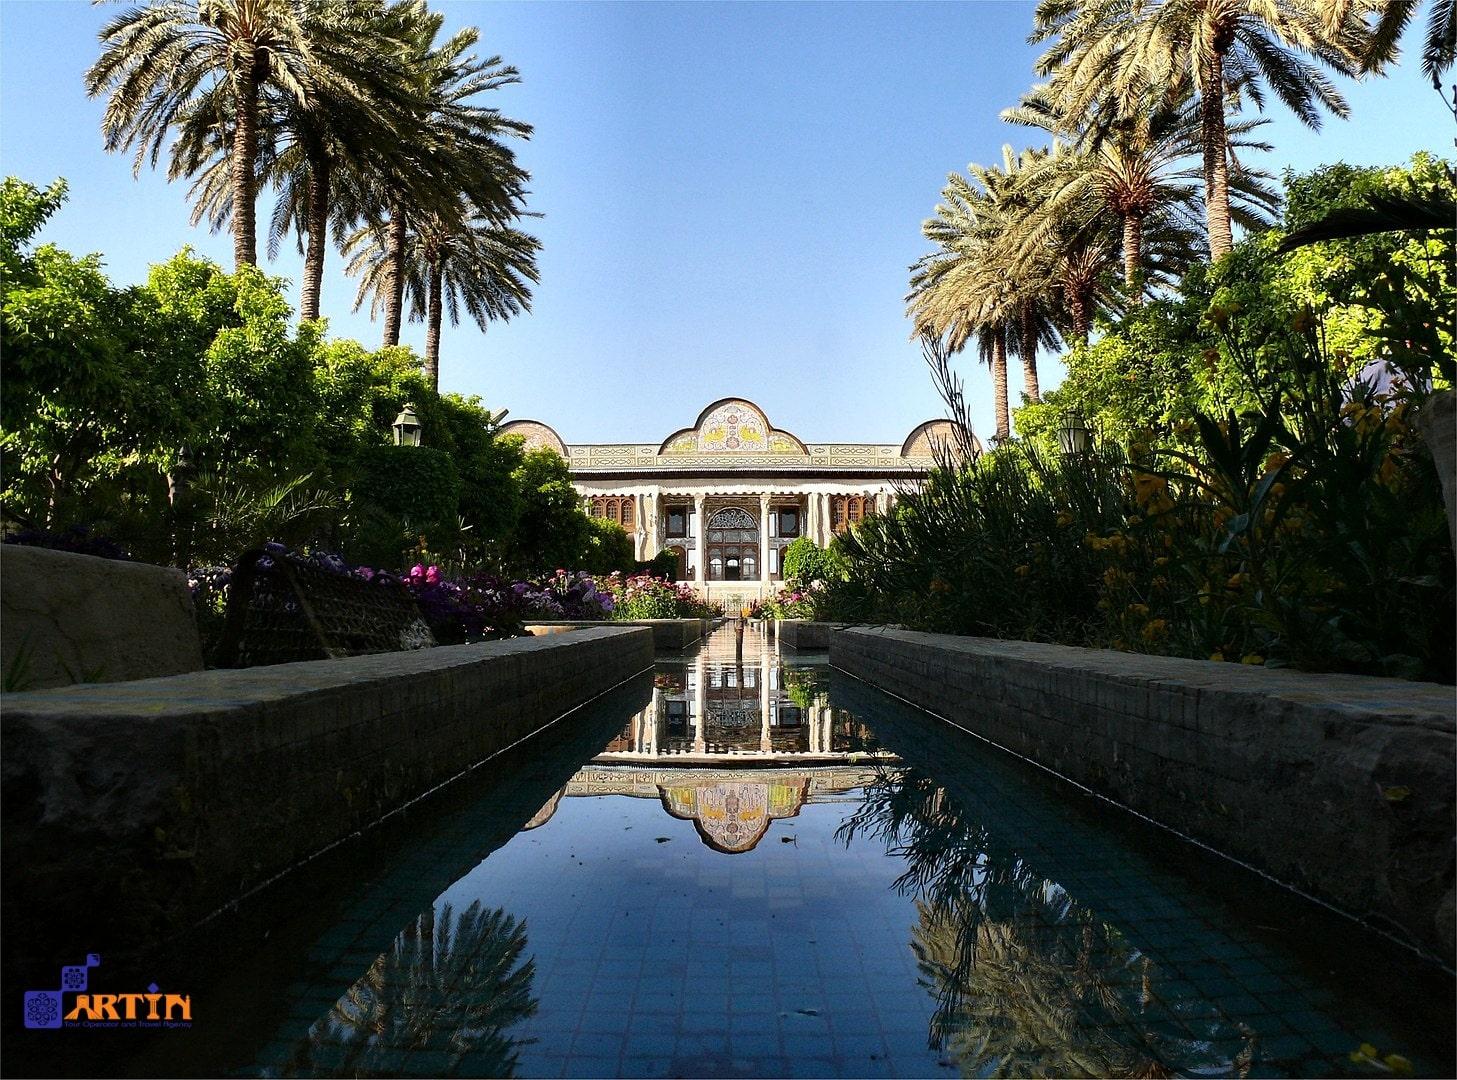 Eram garden in Shiraz-UNESCO world heritage